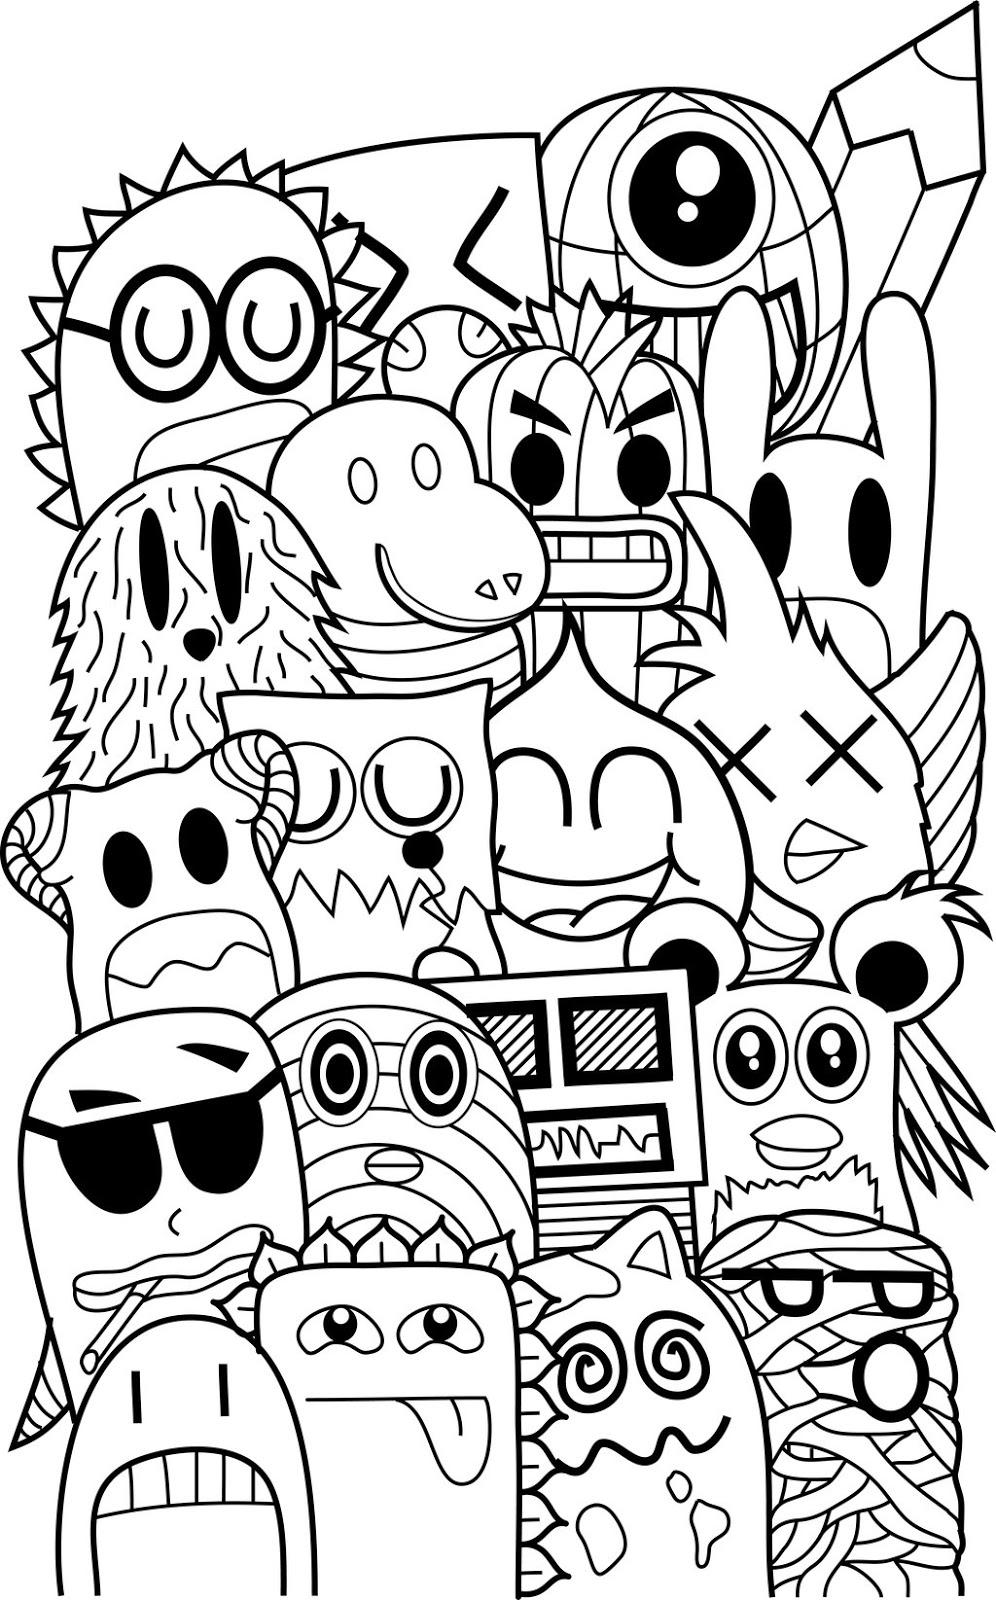 Doodle monster II - graffitipicart